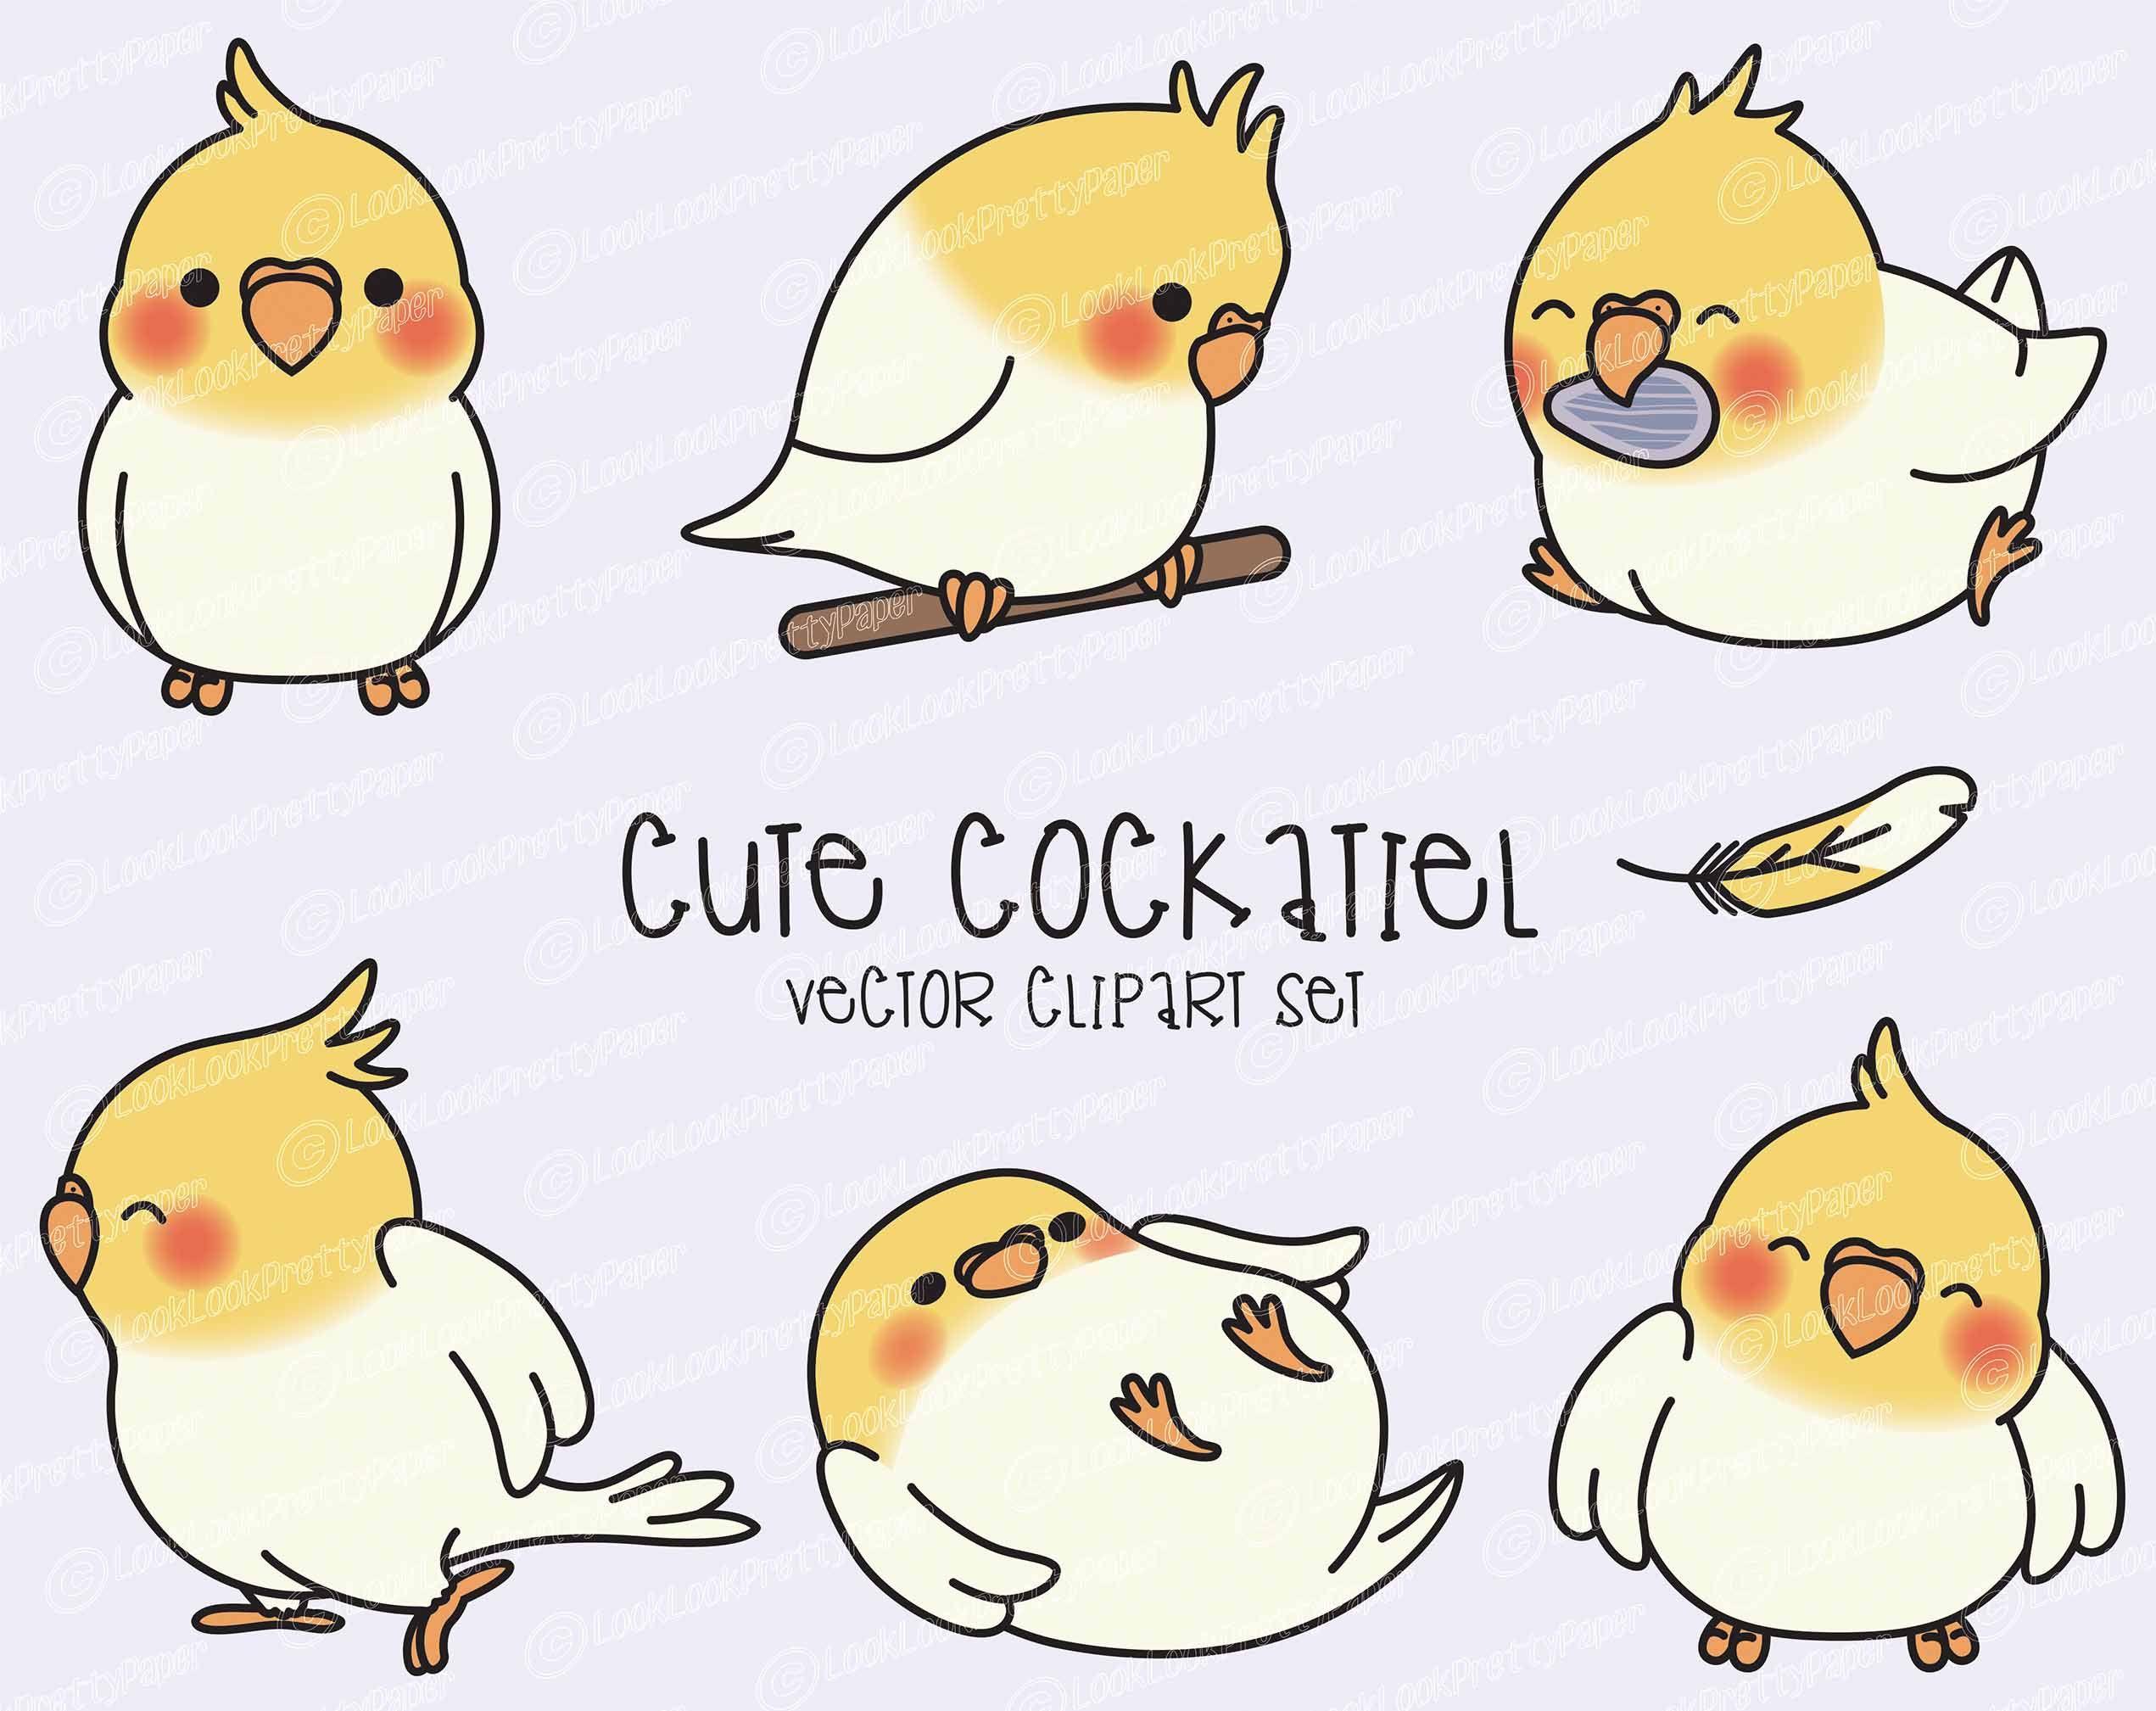 Premium Vector Clipart Kawaii Cockatiel Cute Cockatiel